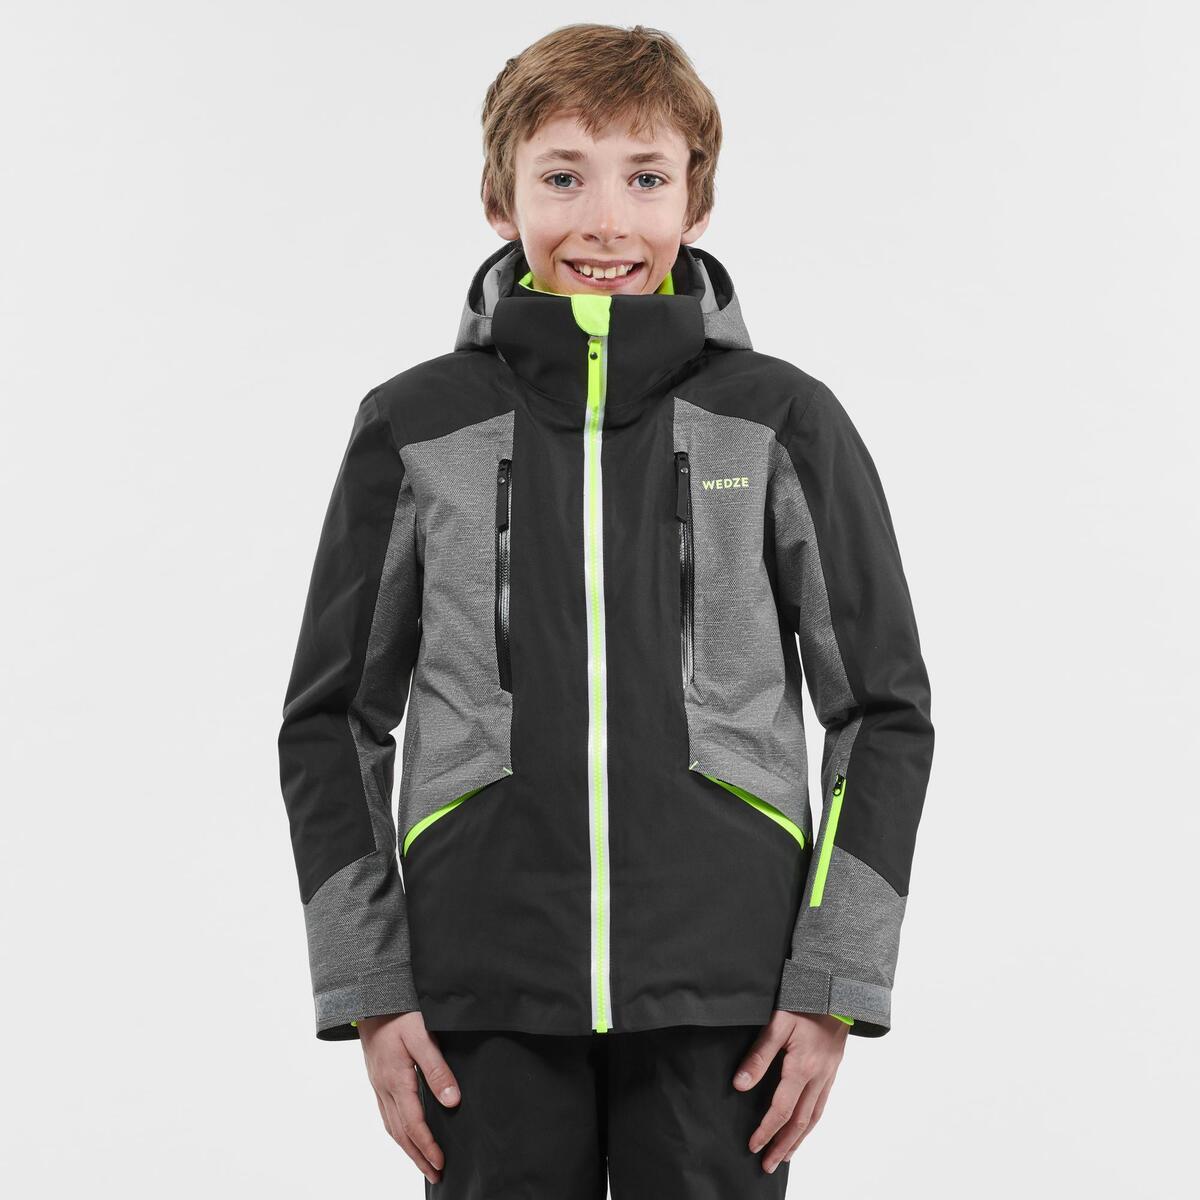 Bild 3 von Skijacke Piste 900 Kinder grau/schwarz